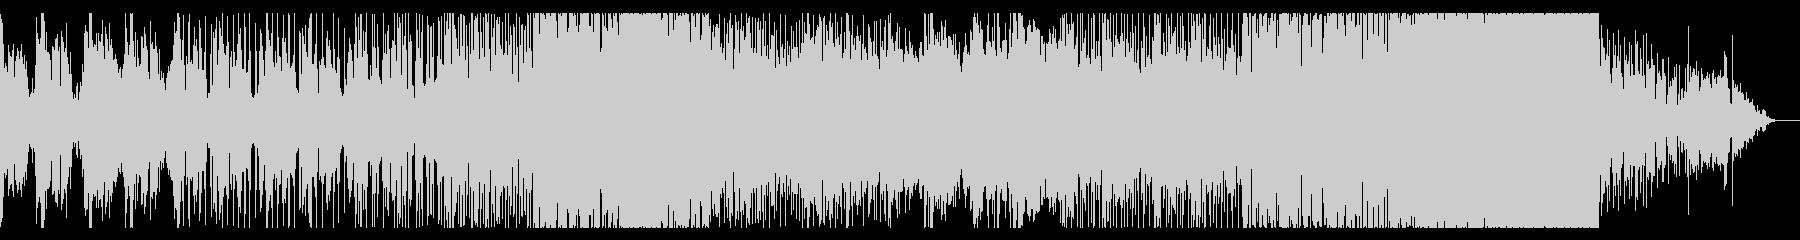 激しめのトランステクノミュージックですの未再生の波形